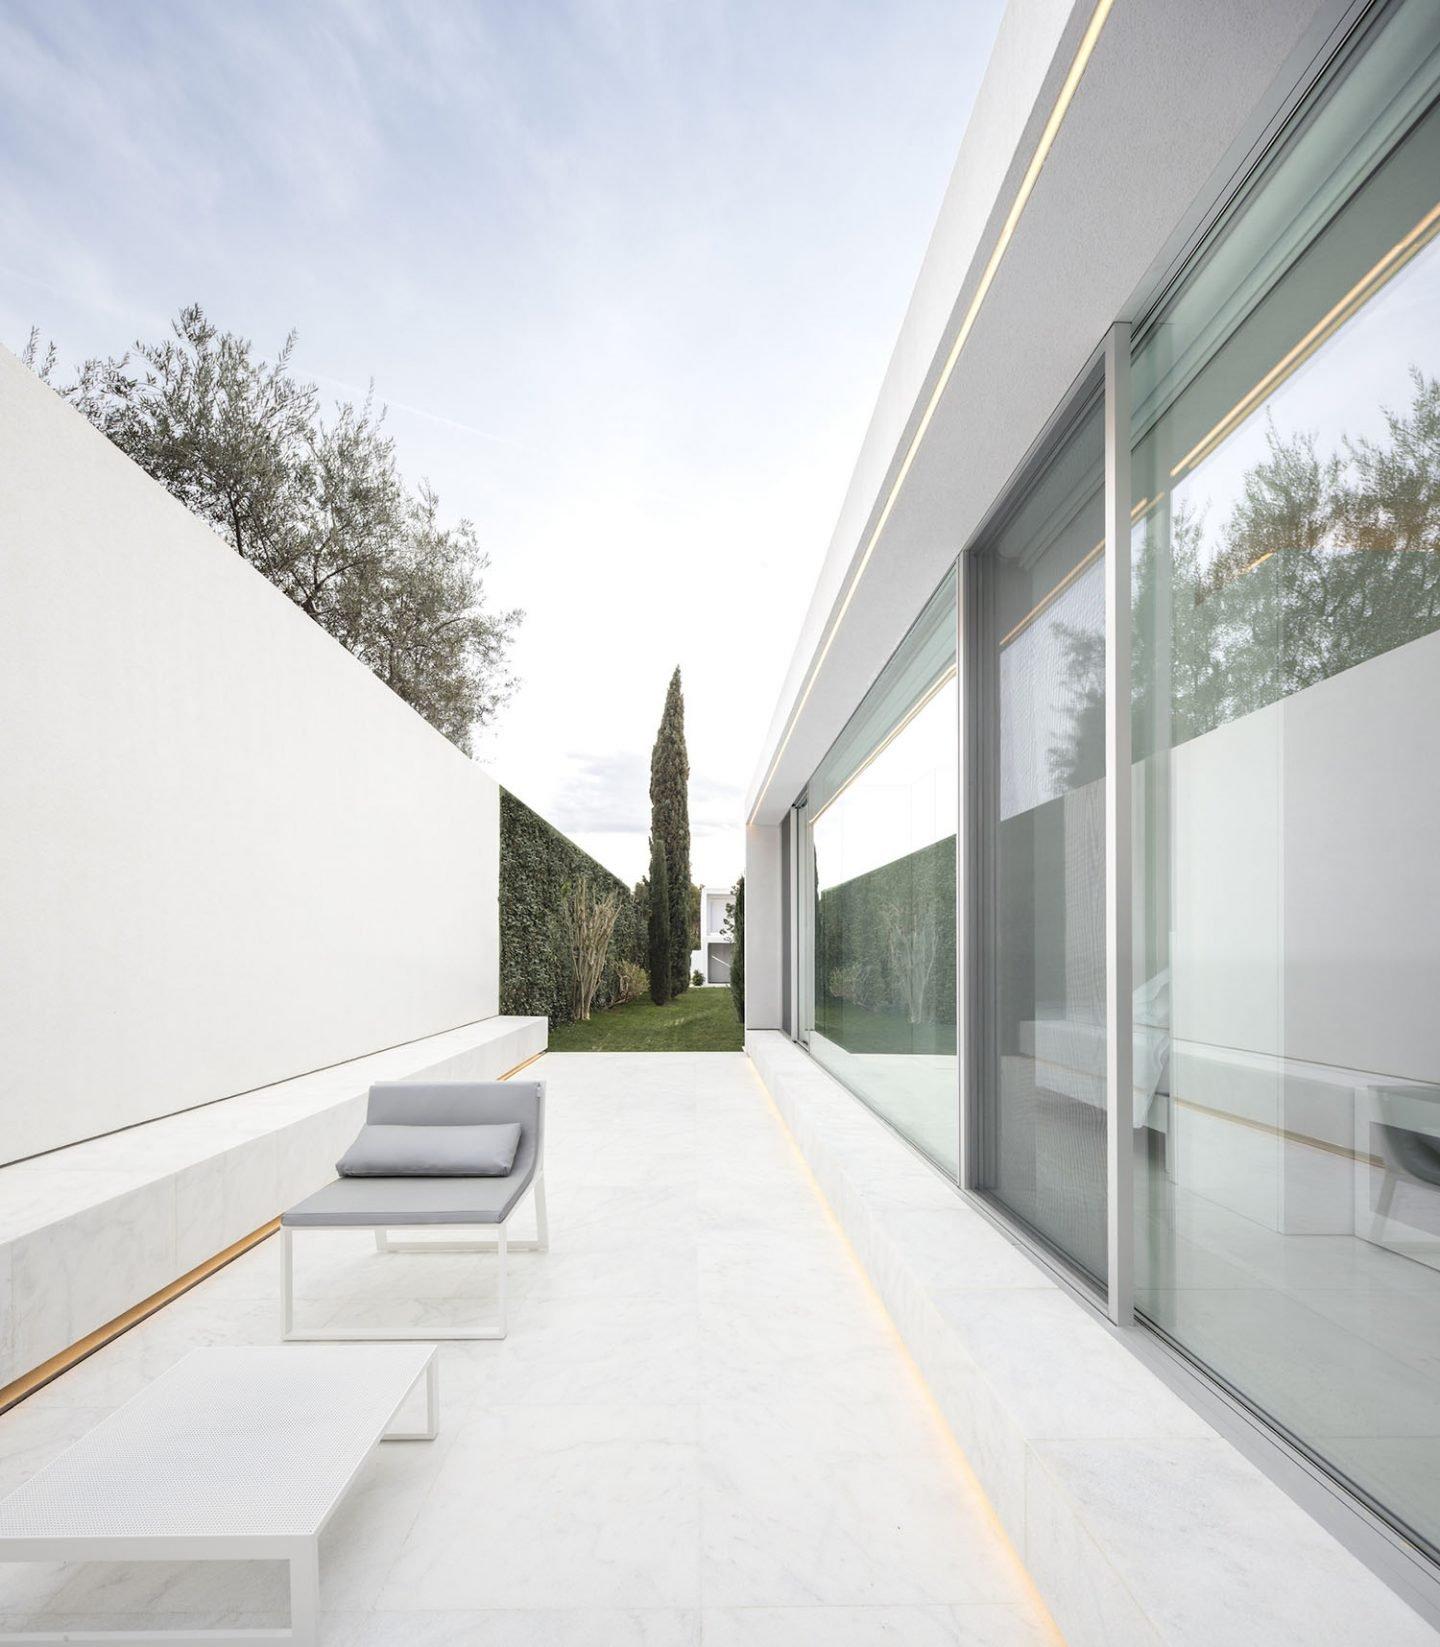 iGNANT_Architecture_Fran_Silvestre_Arquitectos_Guest_Pavilion_Valencia_8